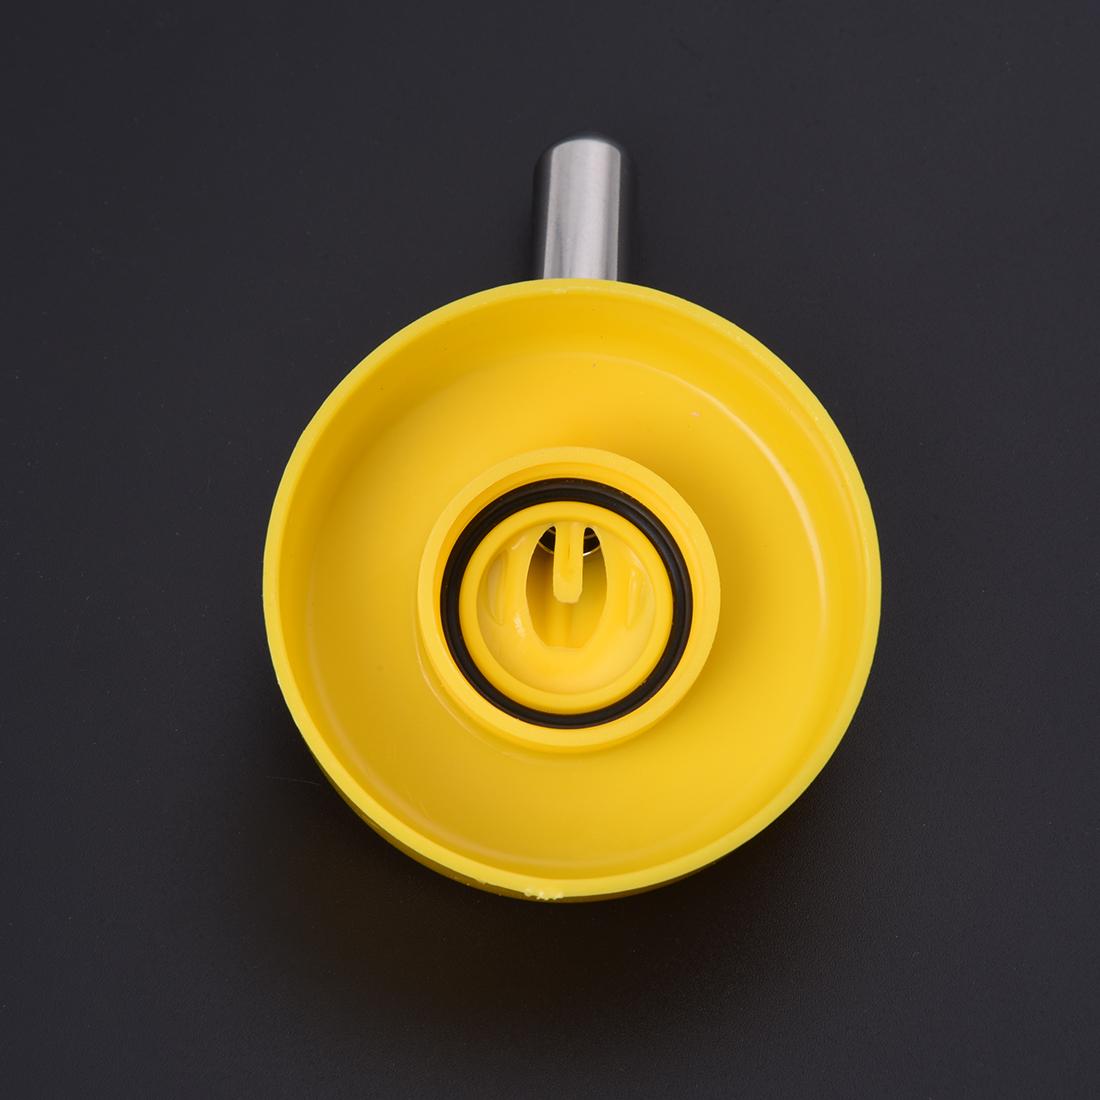 kleines haustier hund welpen hamster kaefig wasserflasche gelb w7z6 x8j9 ebay. Black Bedroom Furniture Sets. Home Design Ideas